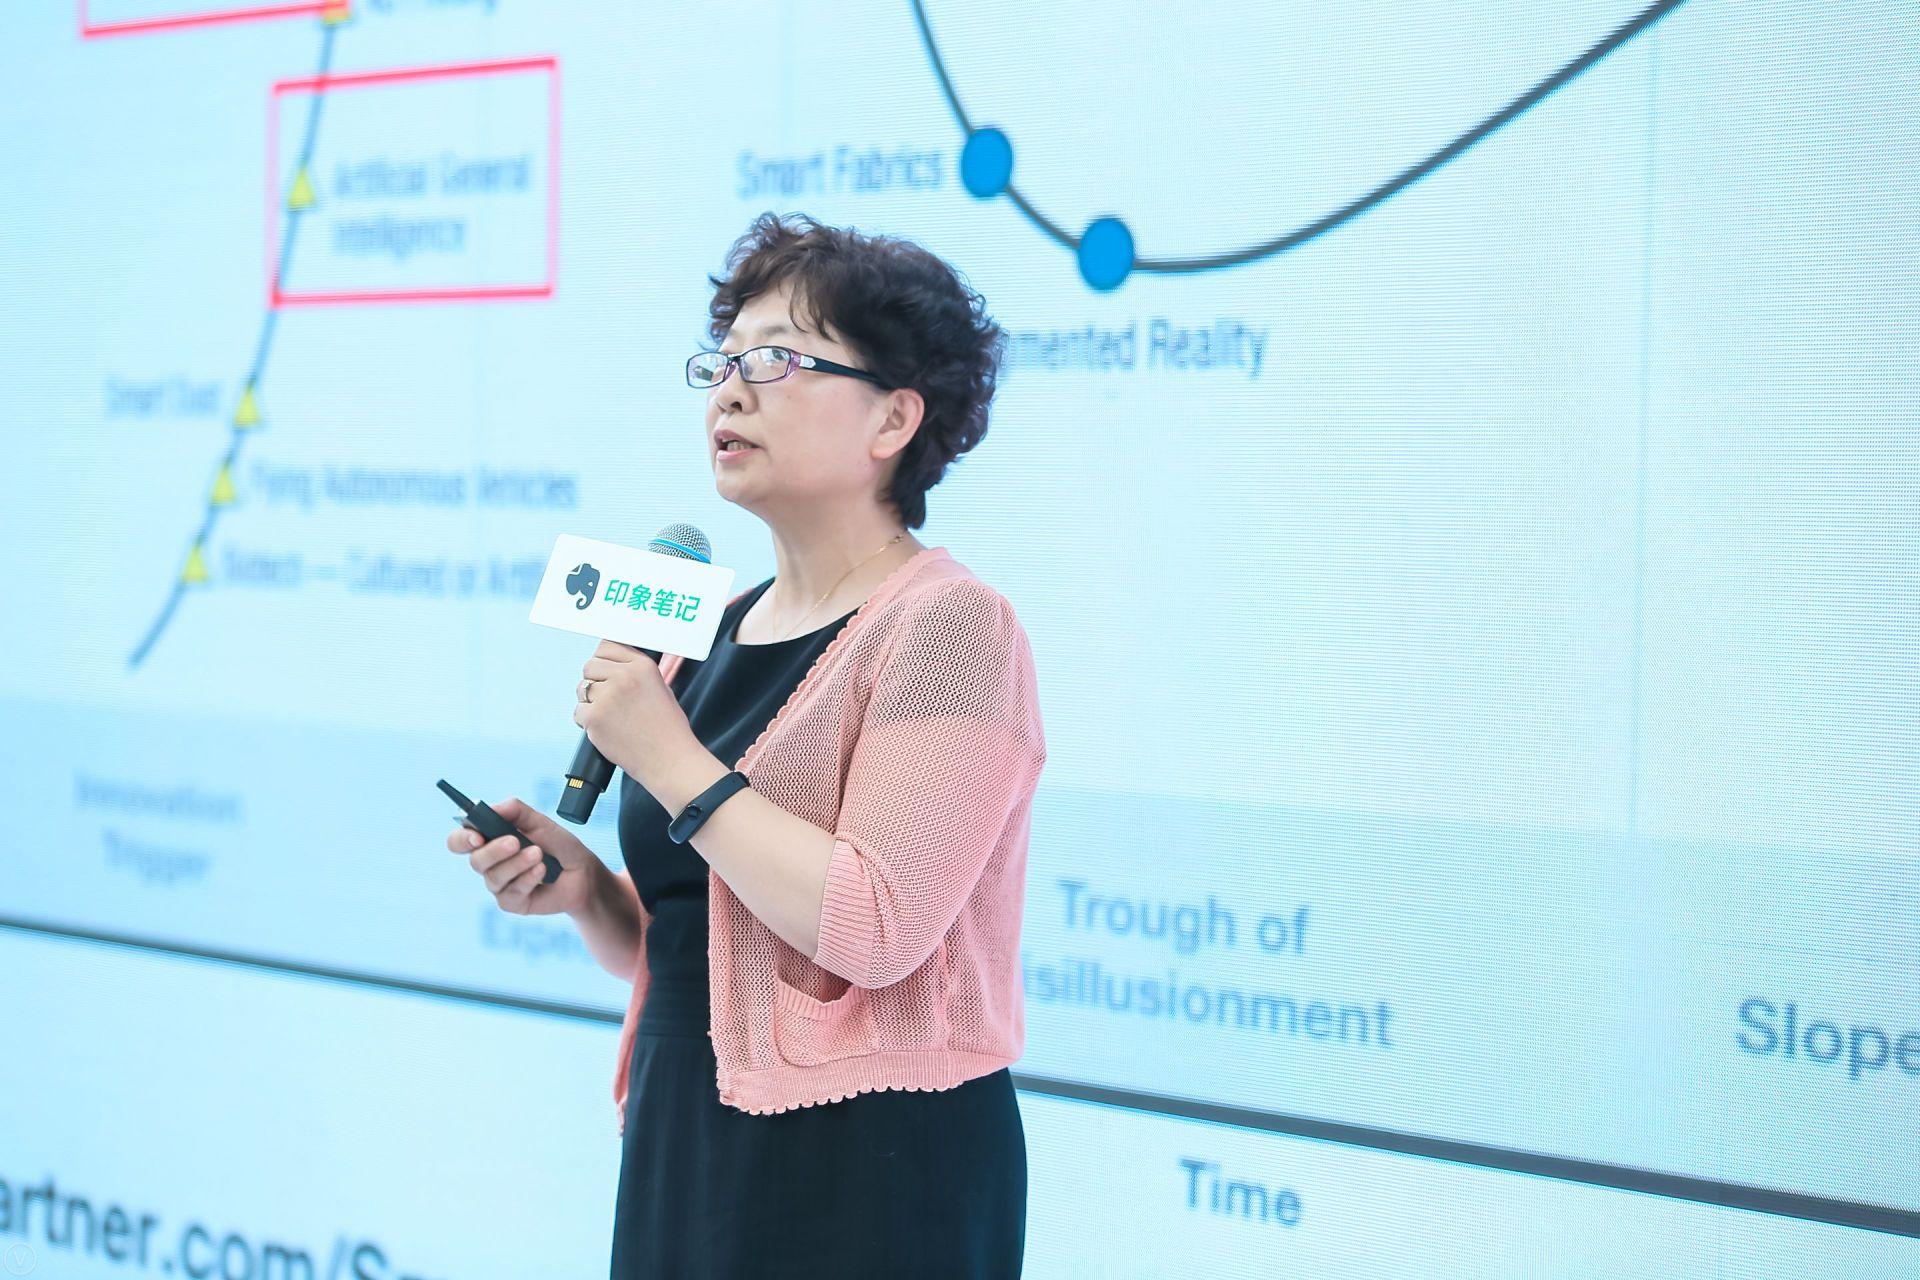 清华大学人工智能研究院主任李涓子,分享人工智能领域的研究成果